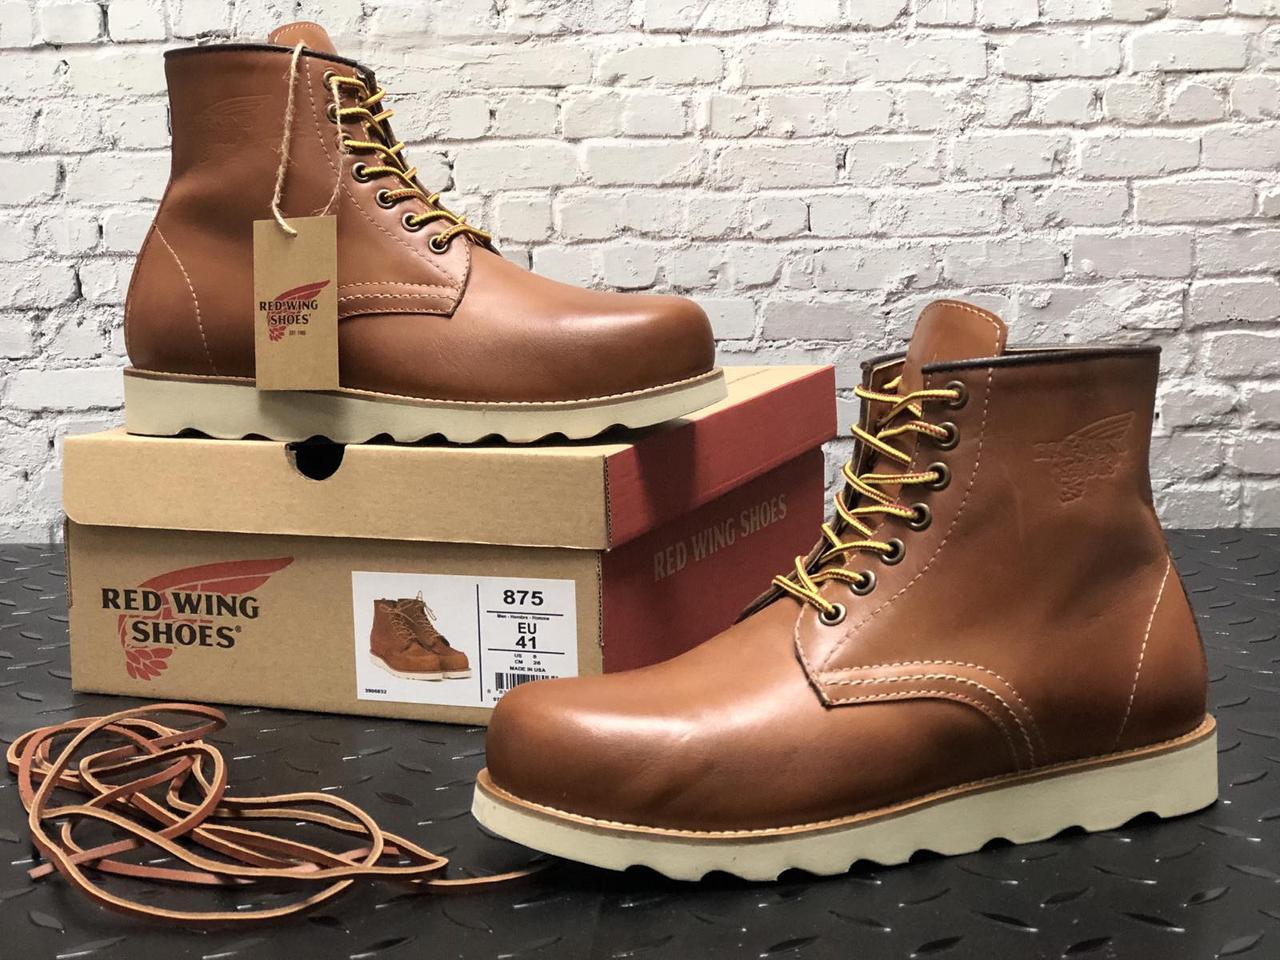 Чоловічі черевики Red Wing Shoes осінь-зима, зимові черевики ред вінг, осінні черевики Red Wing Classic